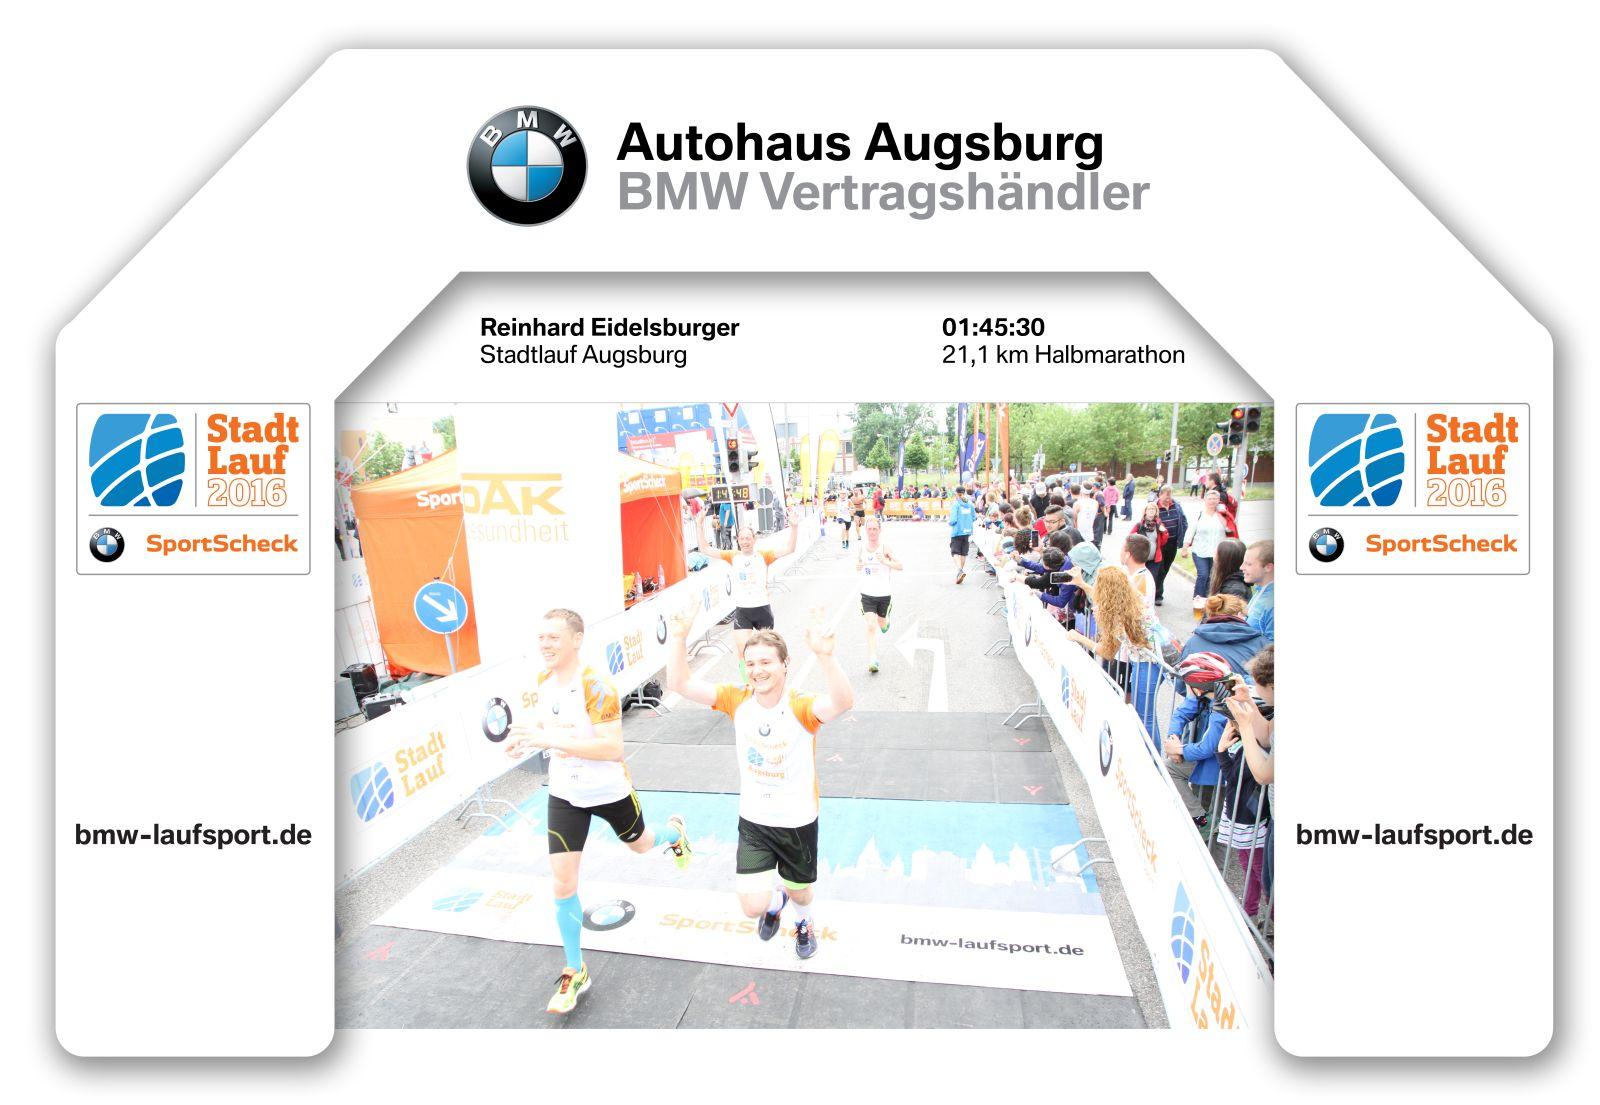 20160605_Halbmarathon_Augsburg_klein